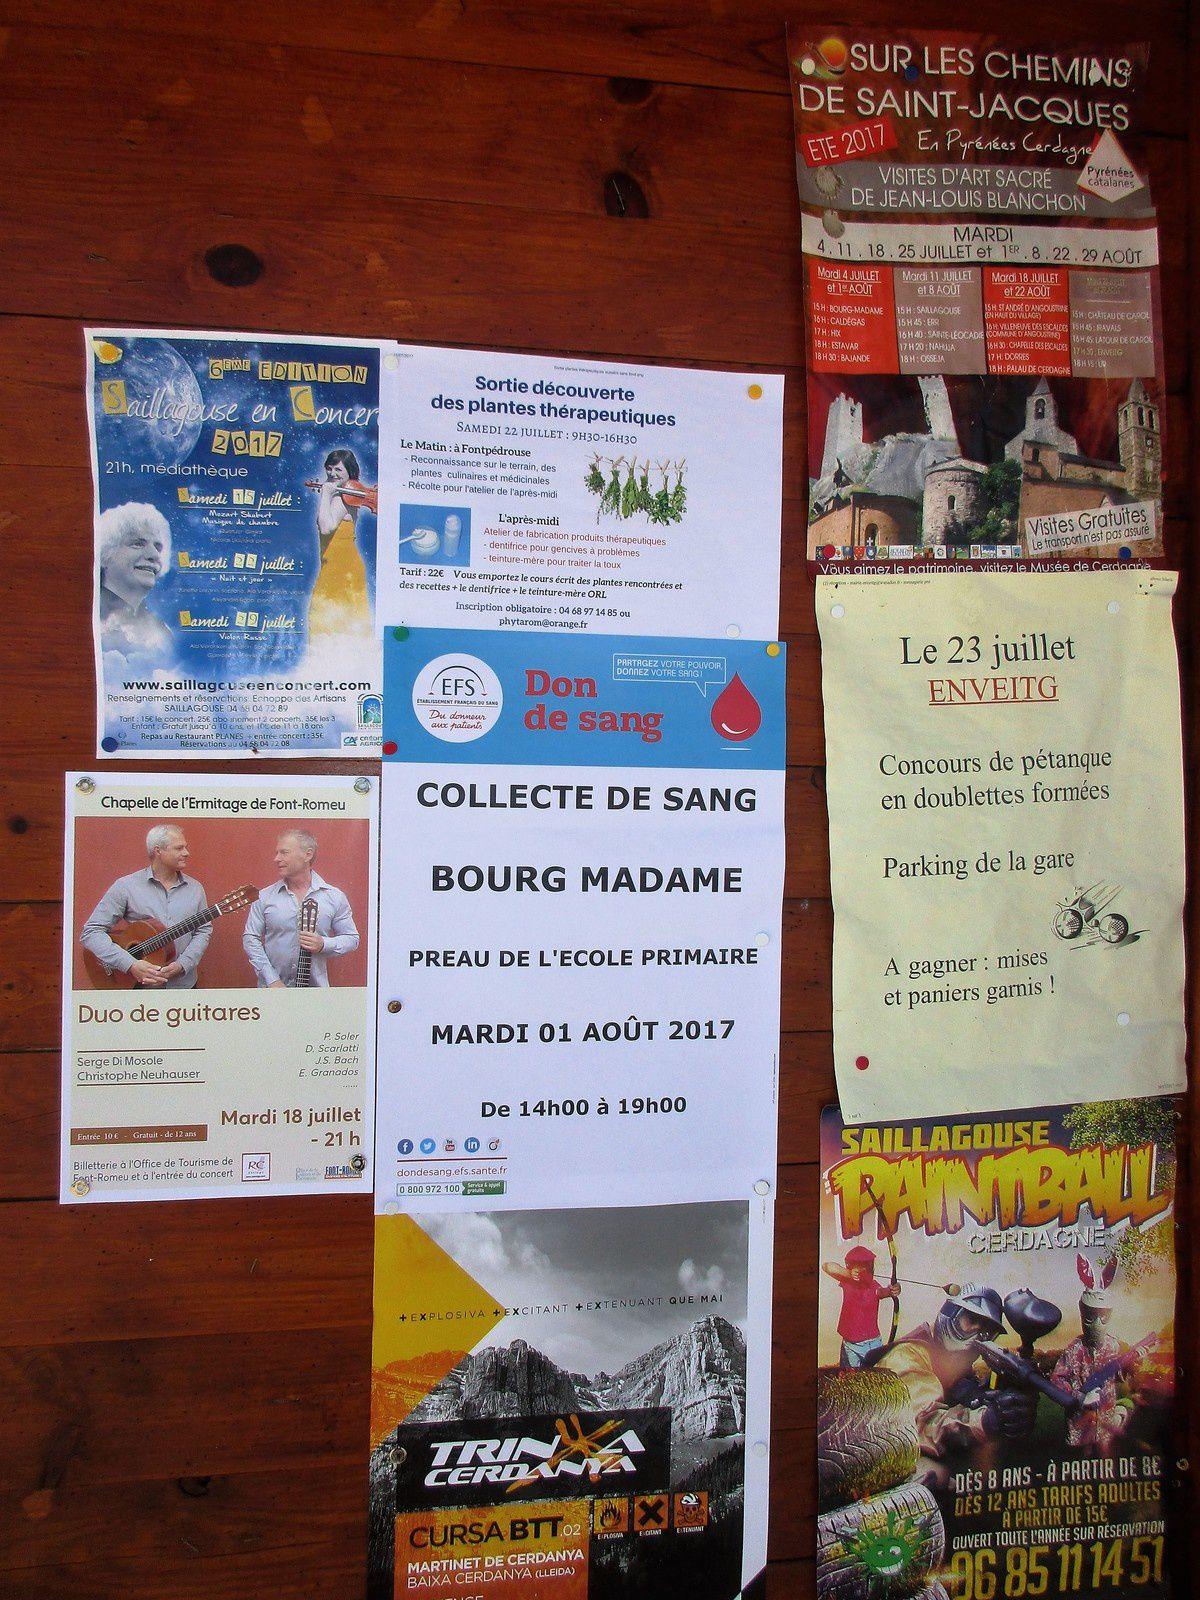 L'affiche d'une collecte de Sang qui aura lieu sous le préau, eh oui! à BOURG MADAME près de FONT ROMEU et Bernard (votre serviteur) posant devant la gare Internationale de LA TOUR DE CAROL ENVEITG